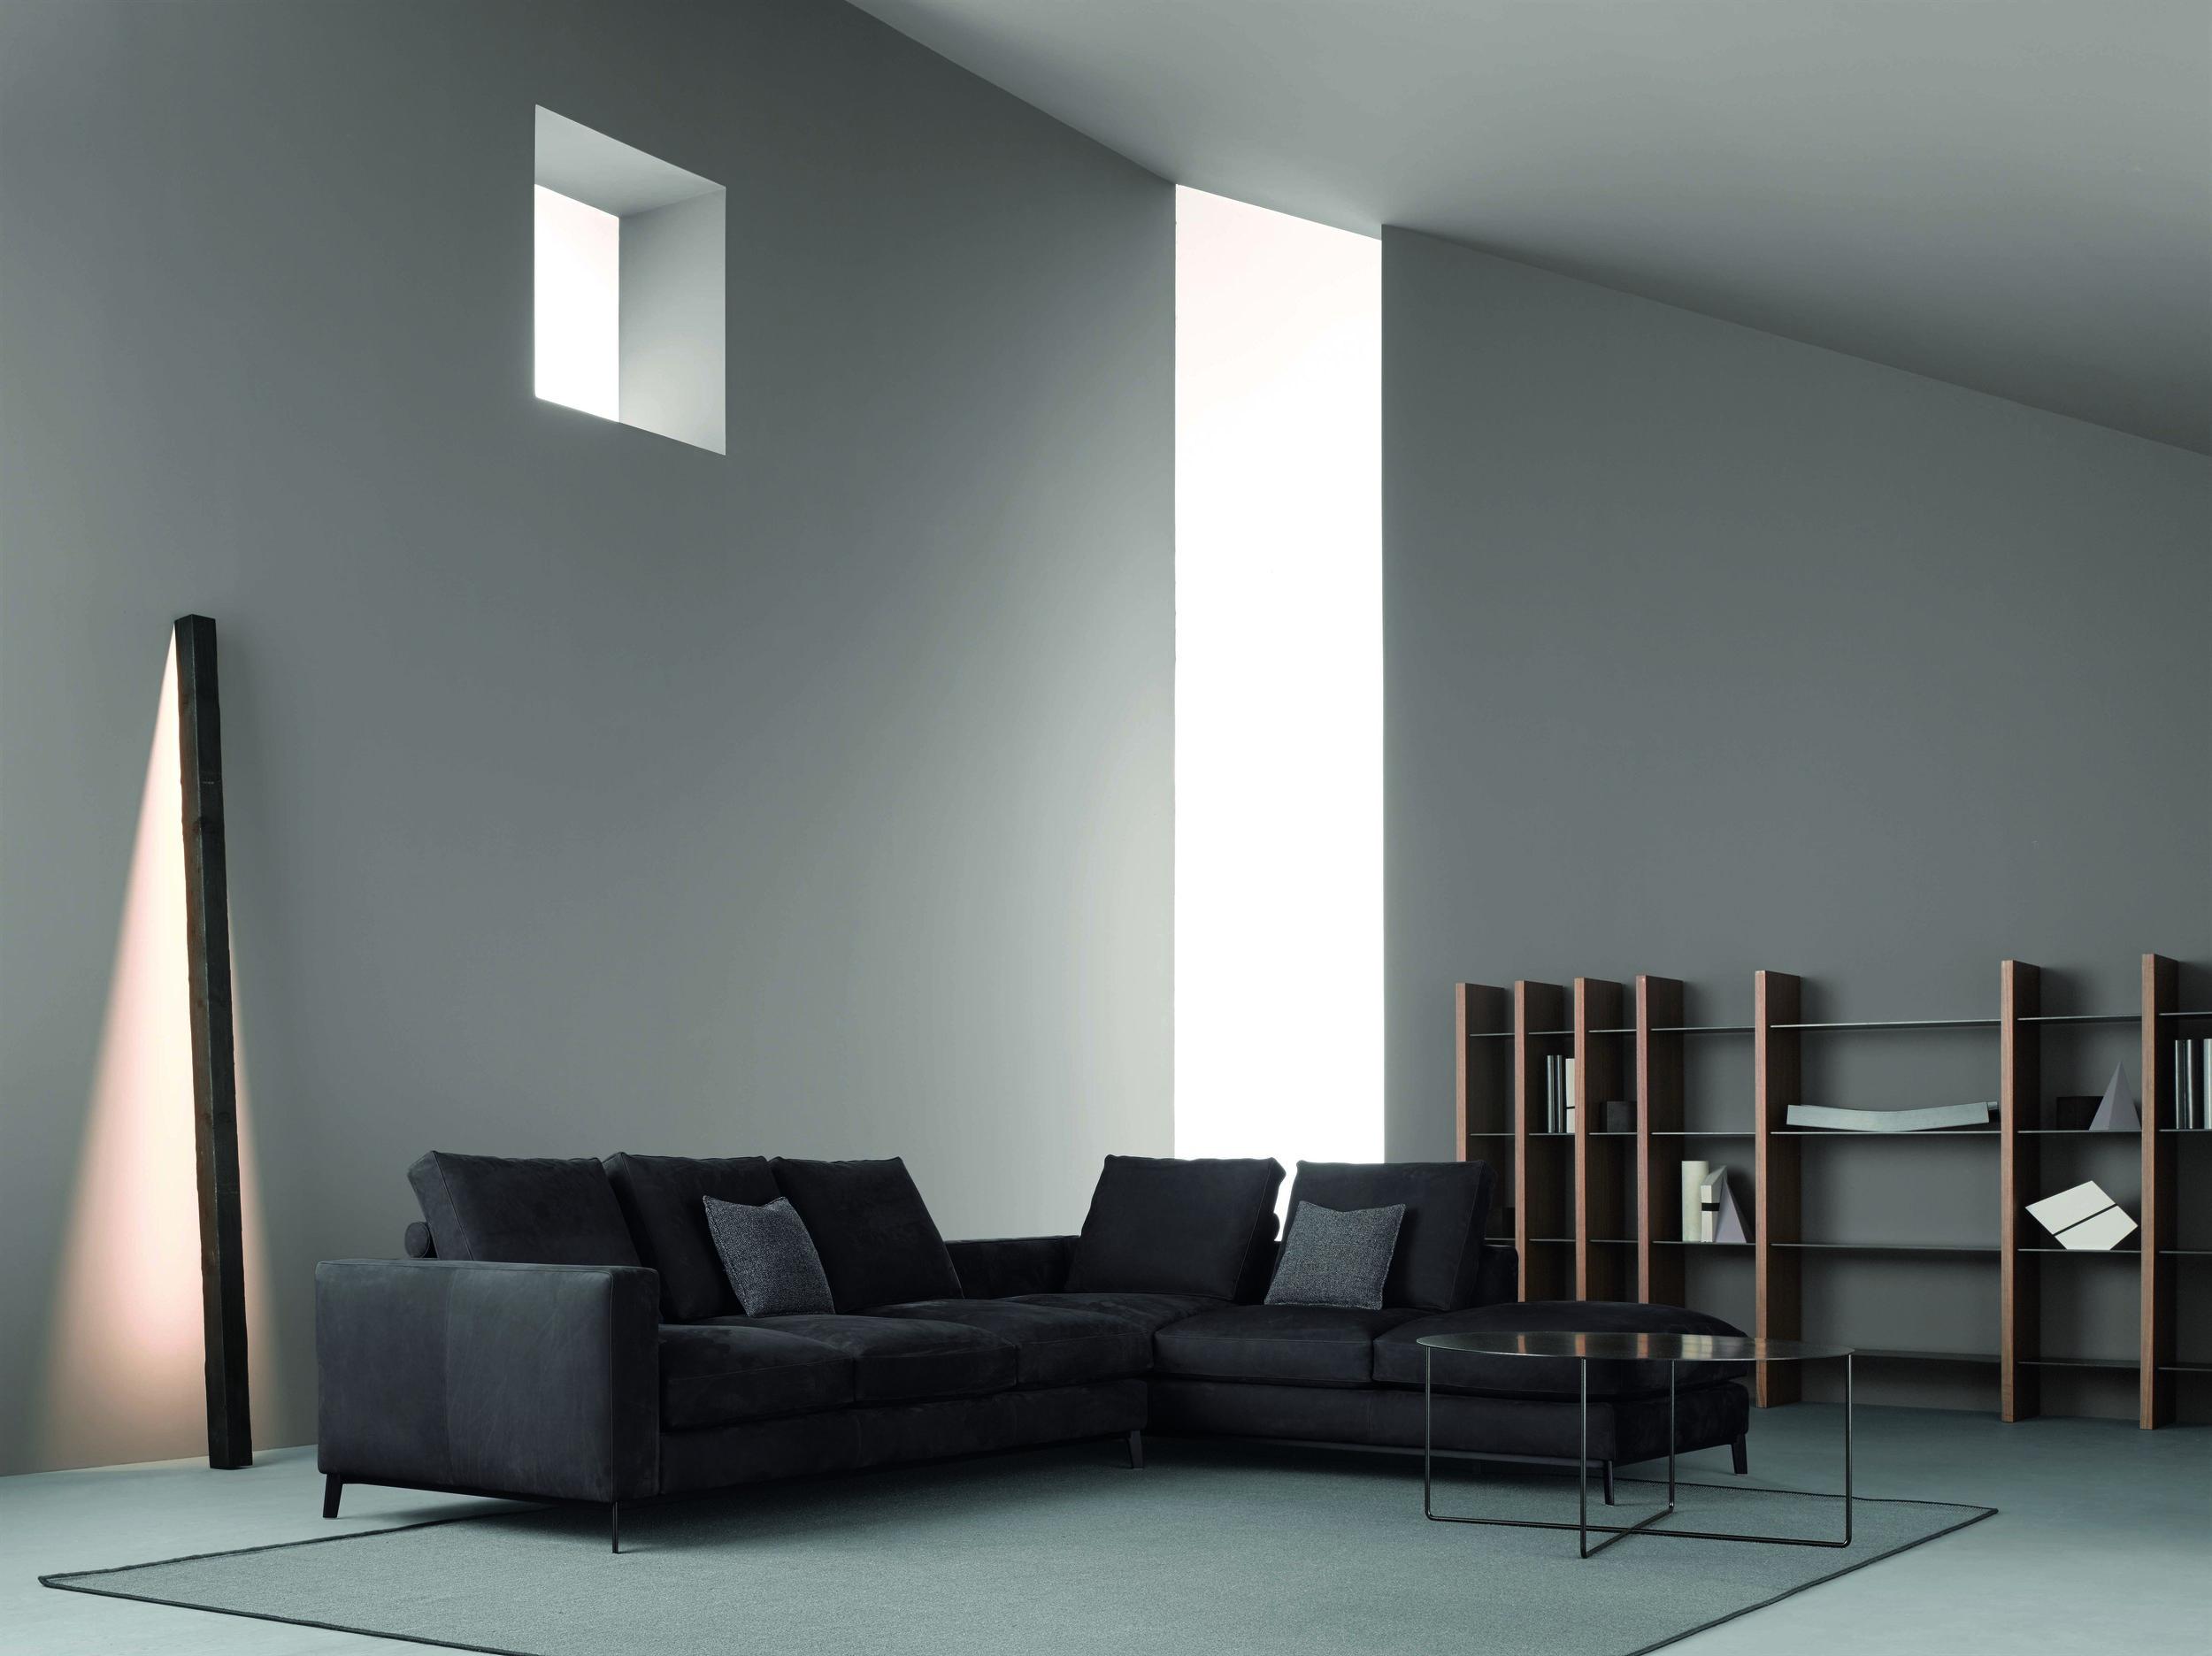 03_Parere_Bookcase + Dorsey_Sofa.jpg